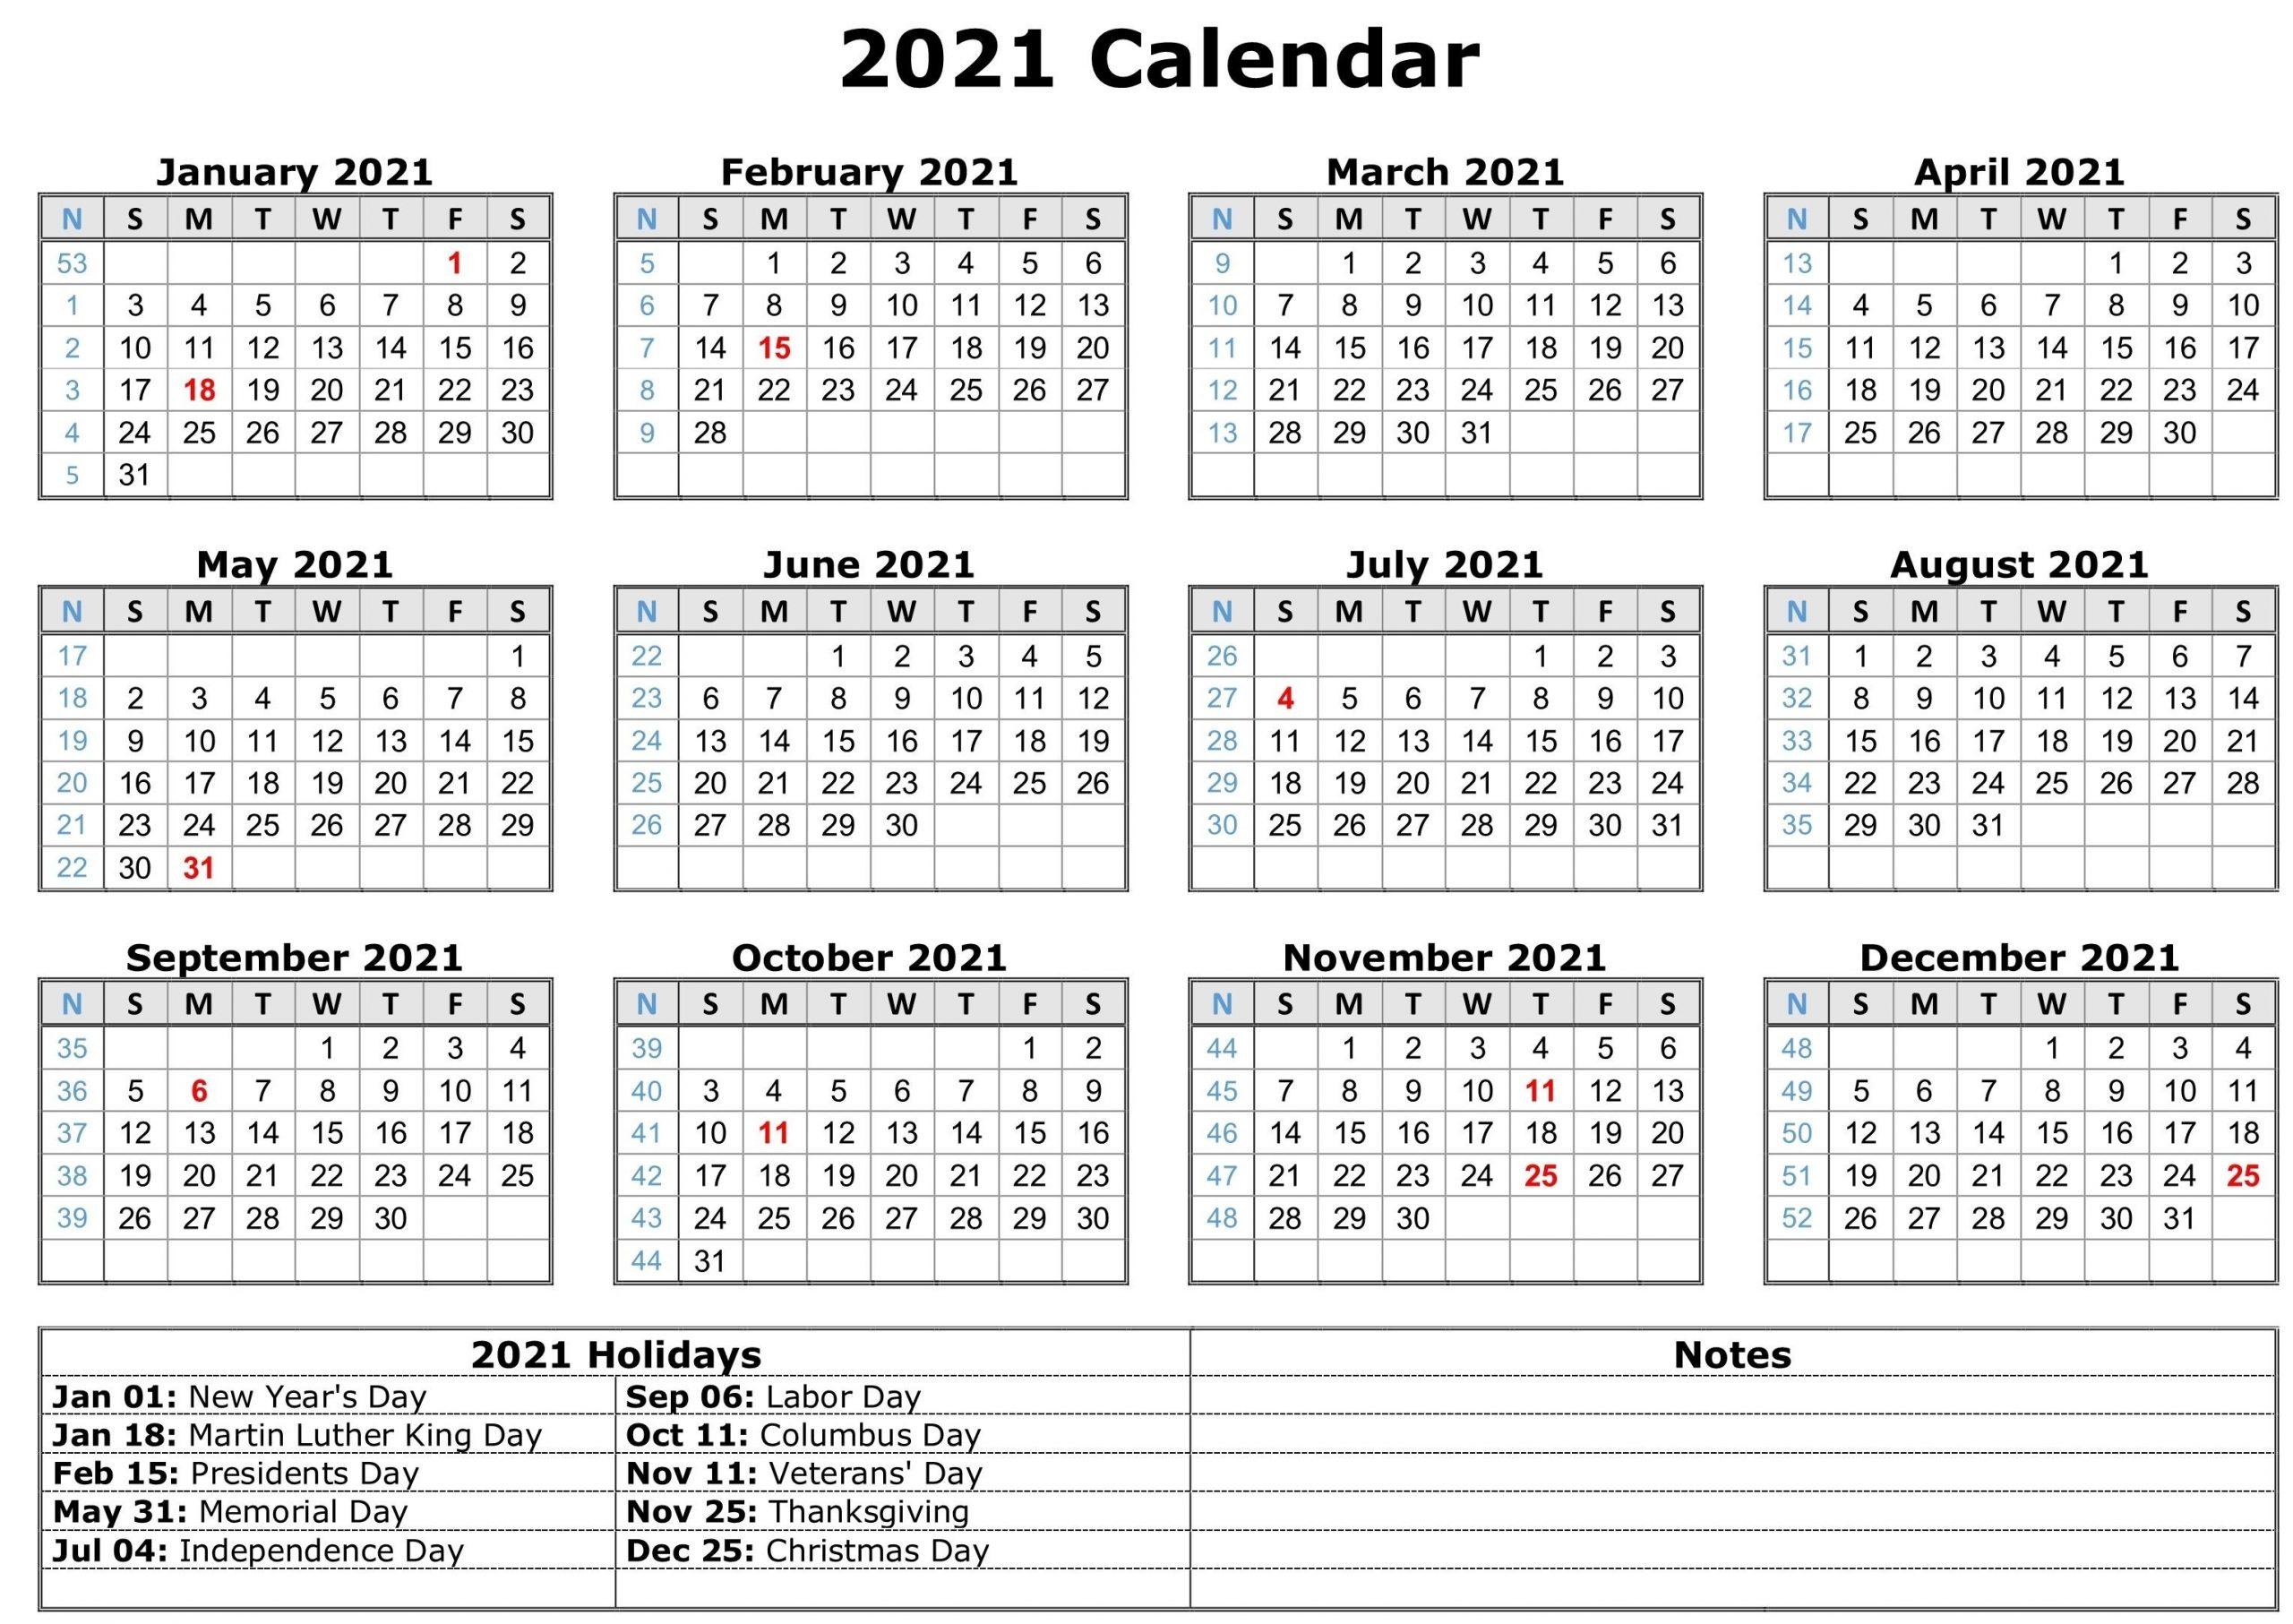 2021 Calendar With Holidays | Free Calendar Template  2021 Free Printable Calendar Pdf